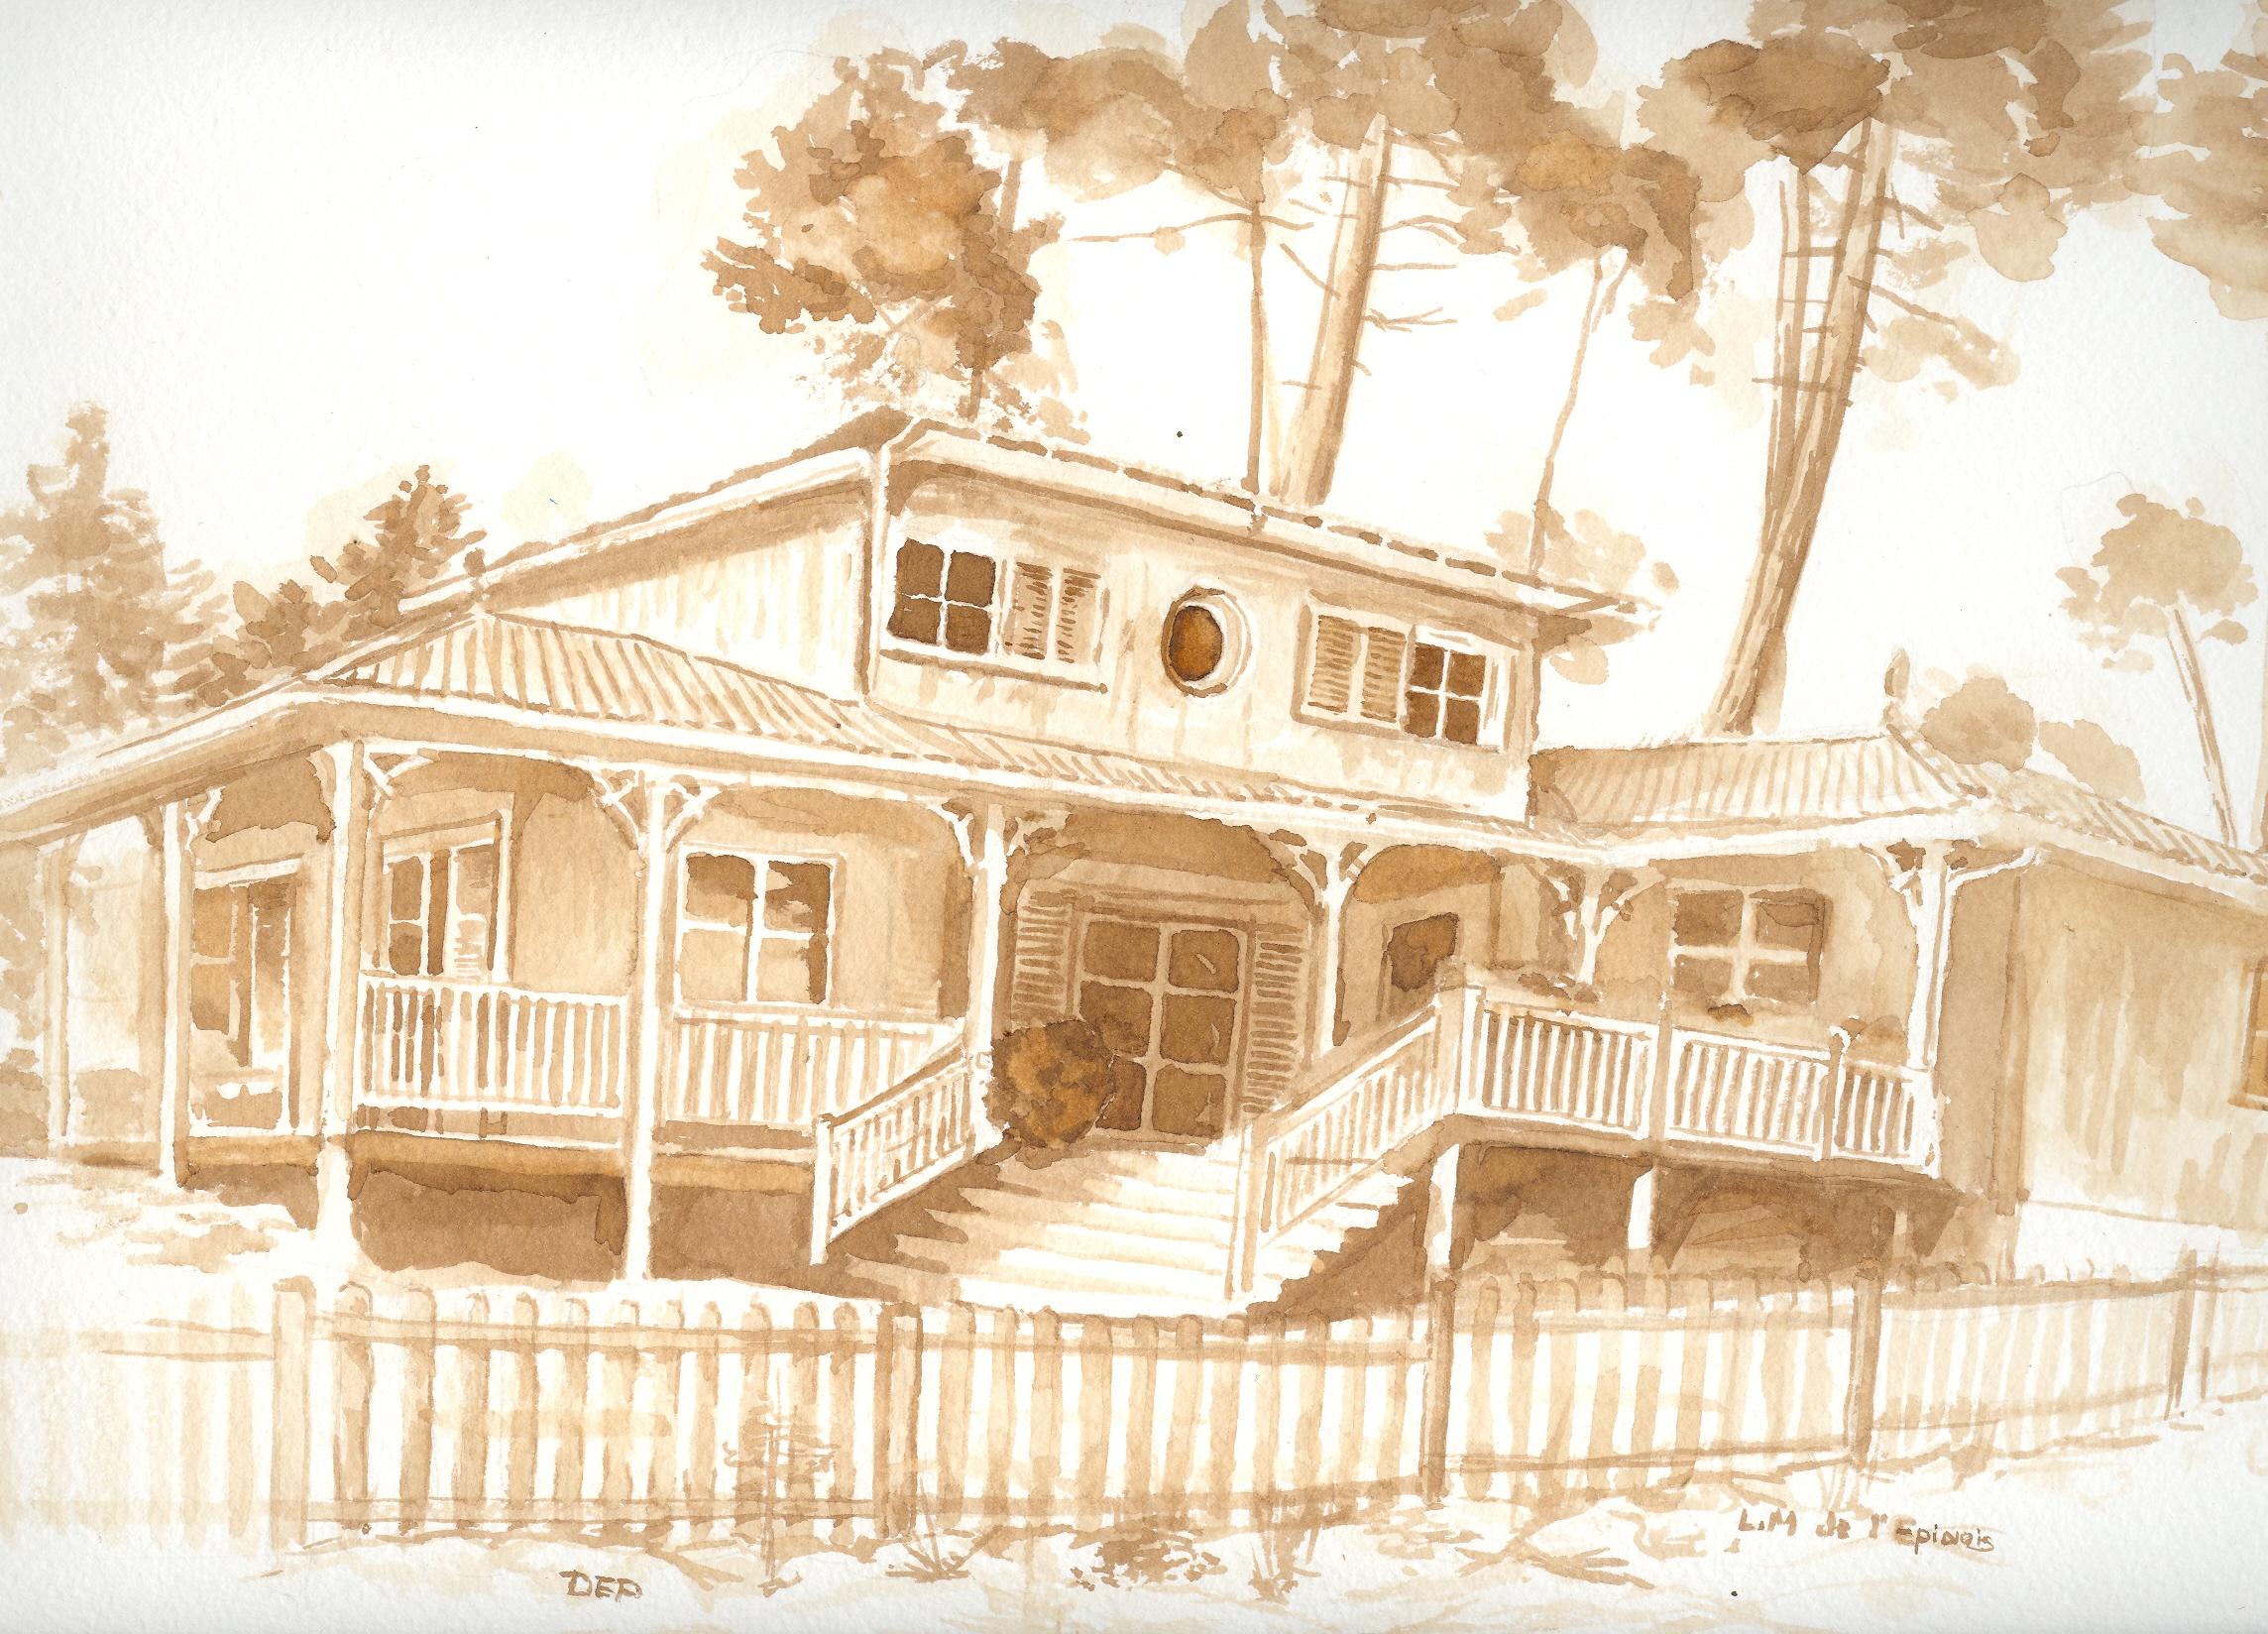 Maison d arcachon dep dessins et caricatures for Annuler offre achat maison